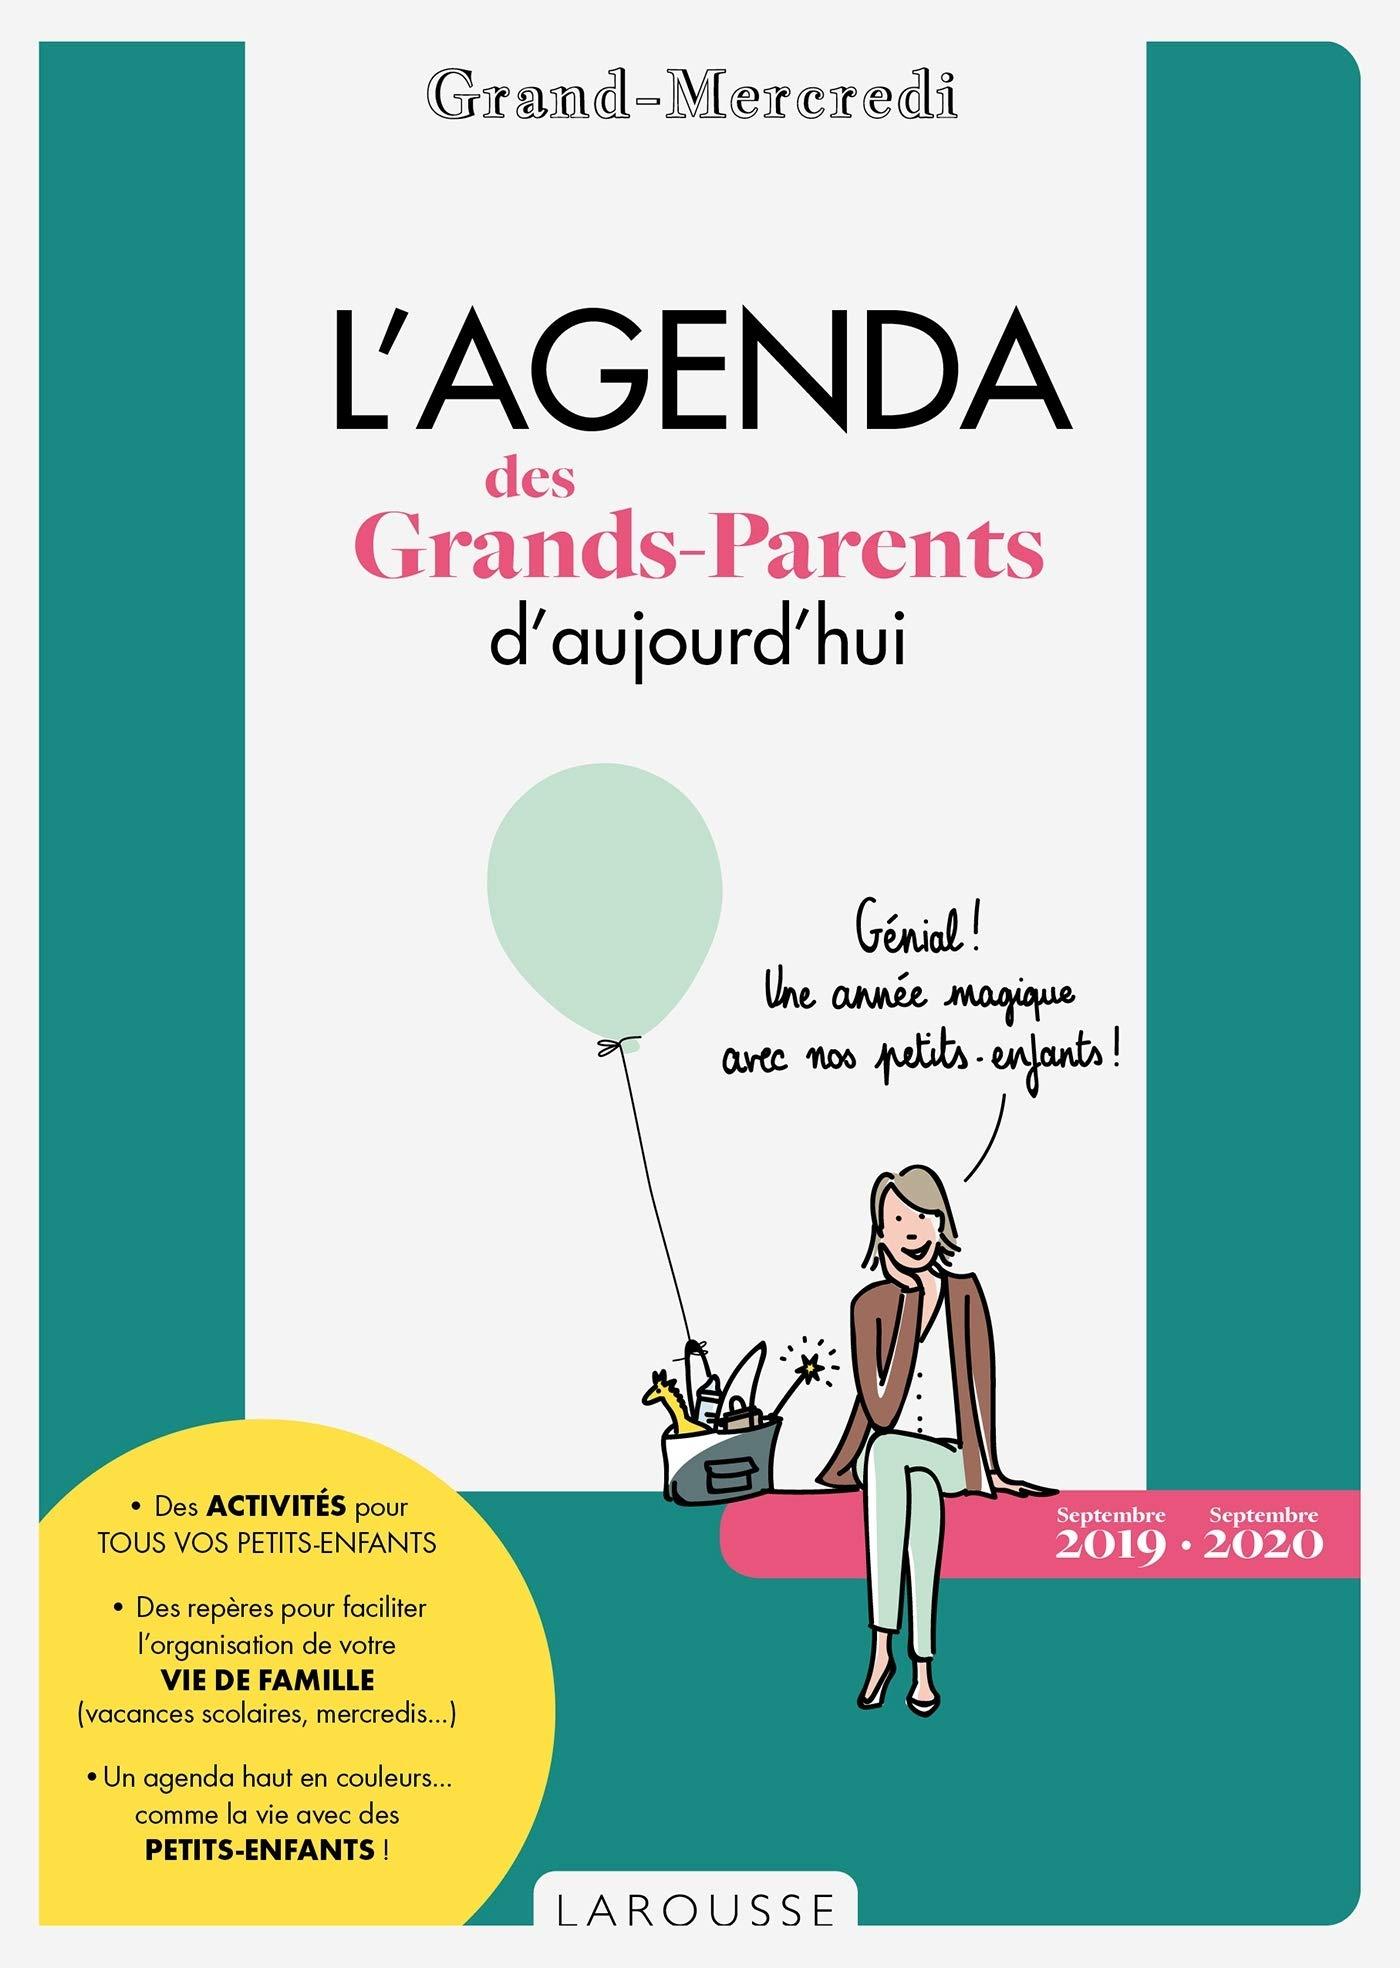 L'Agenda des Grands Parents d'aujourd'hui